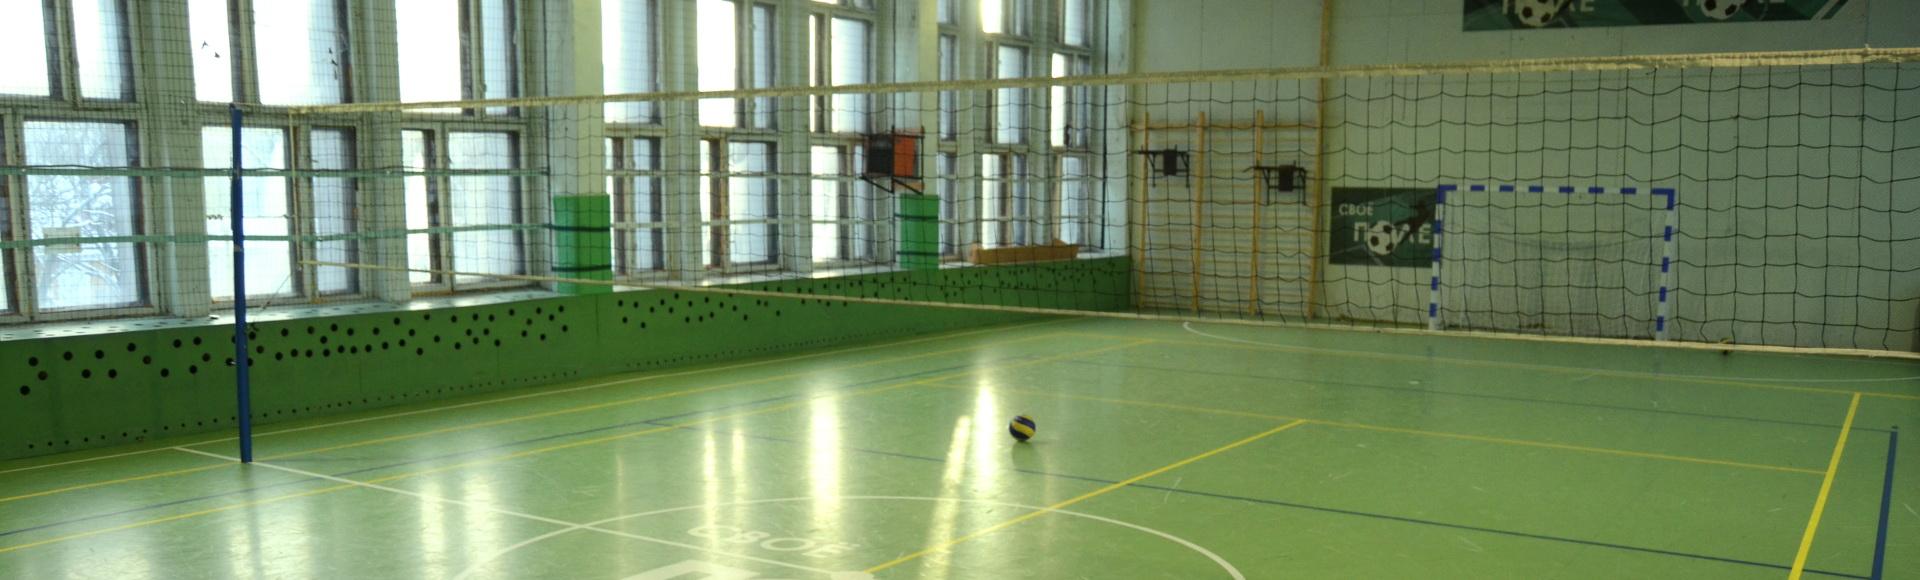 Спортивный зал для игры в волейбол